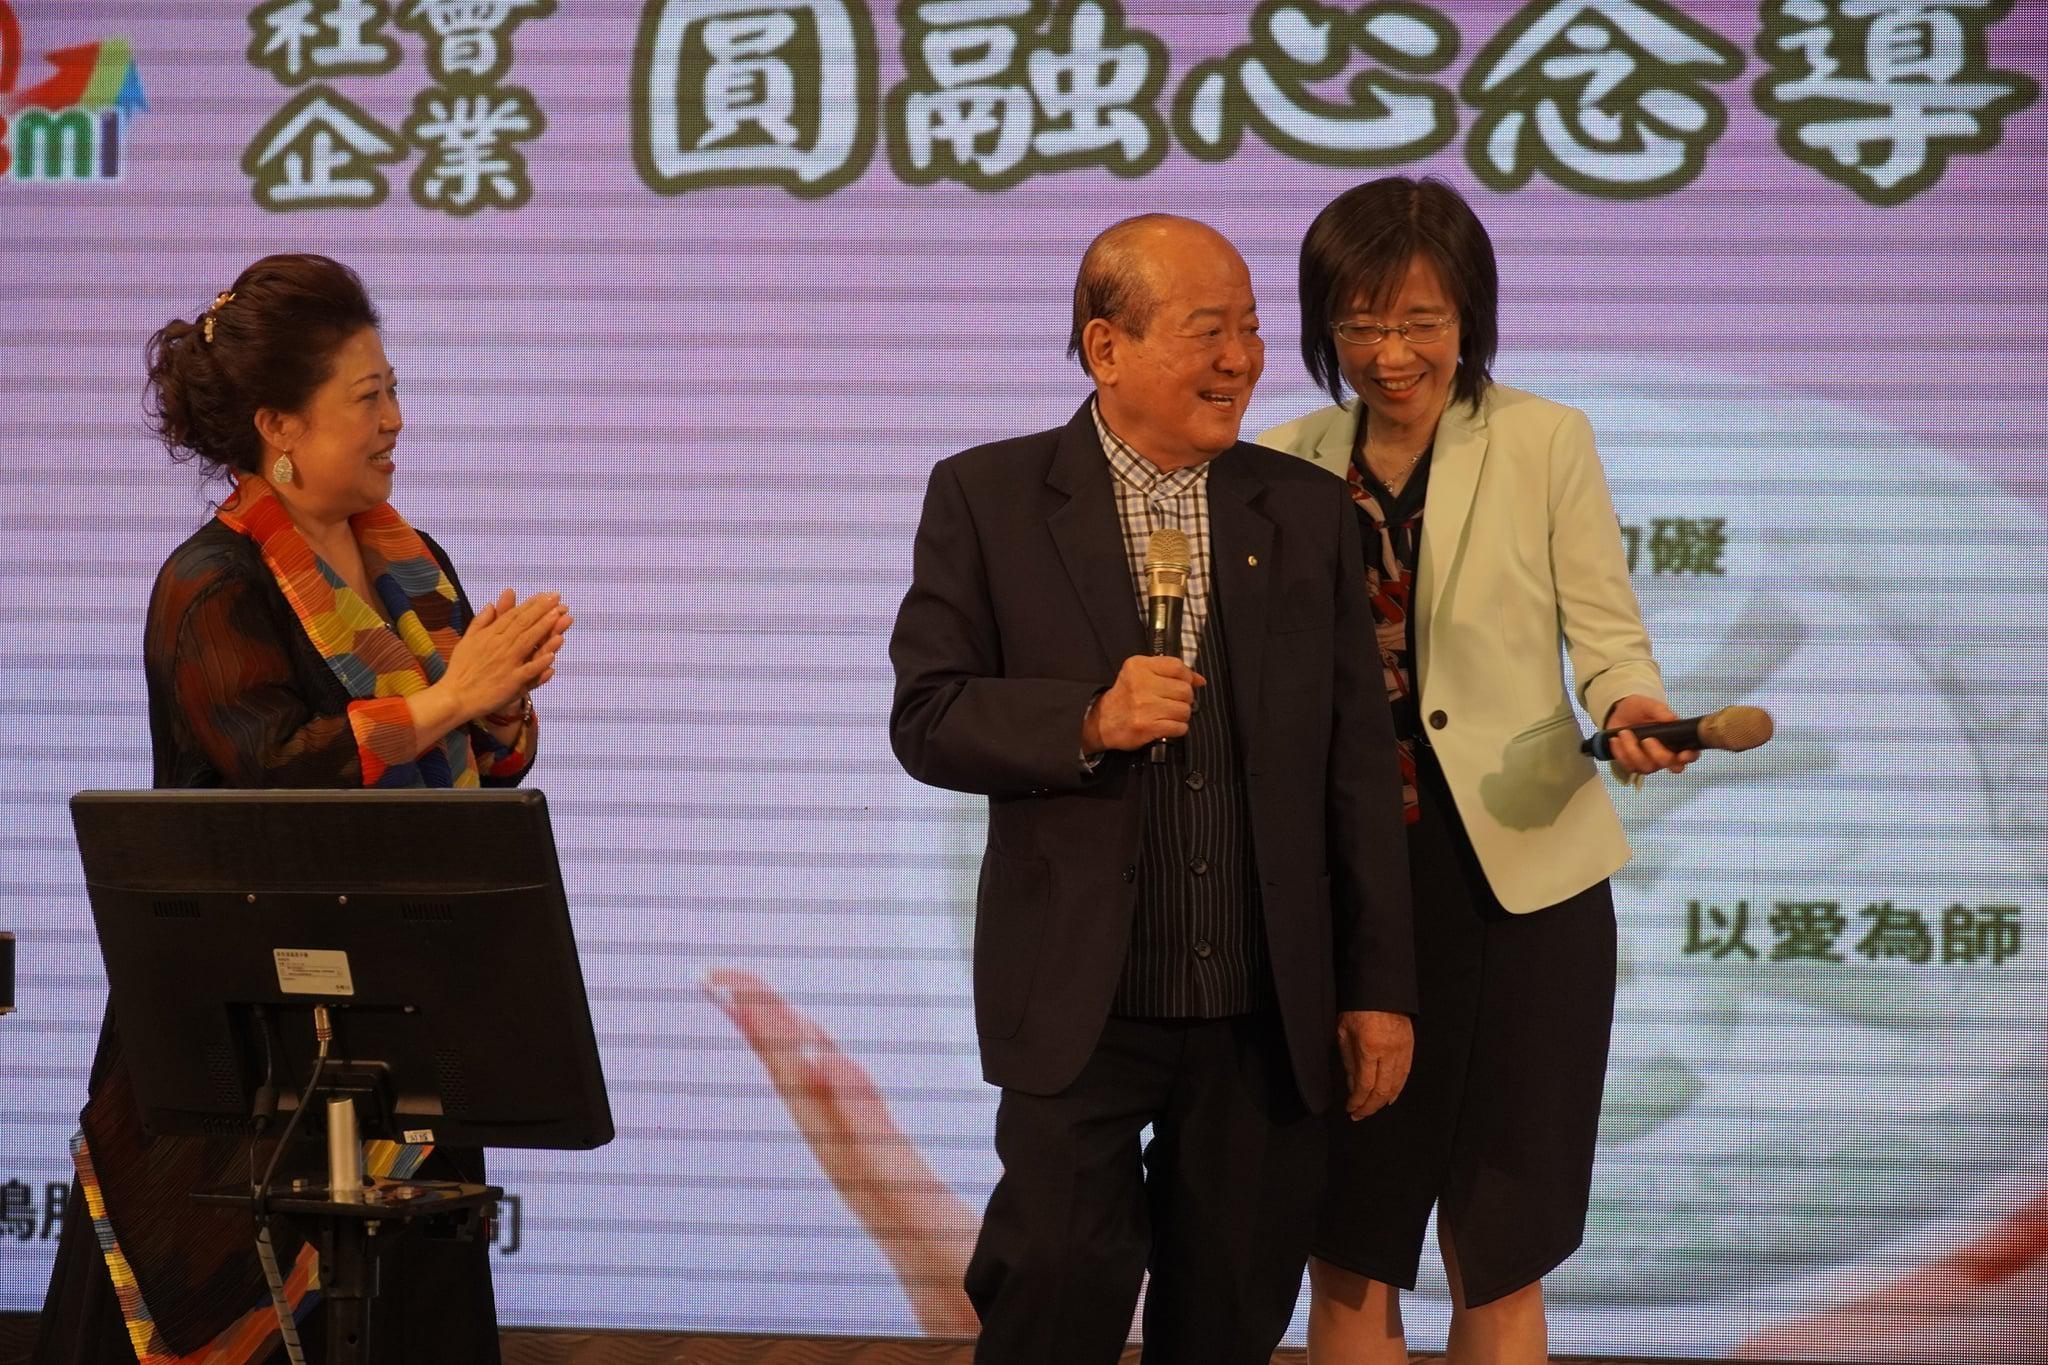 首席名譽顧問張廣博董事長獻唱